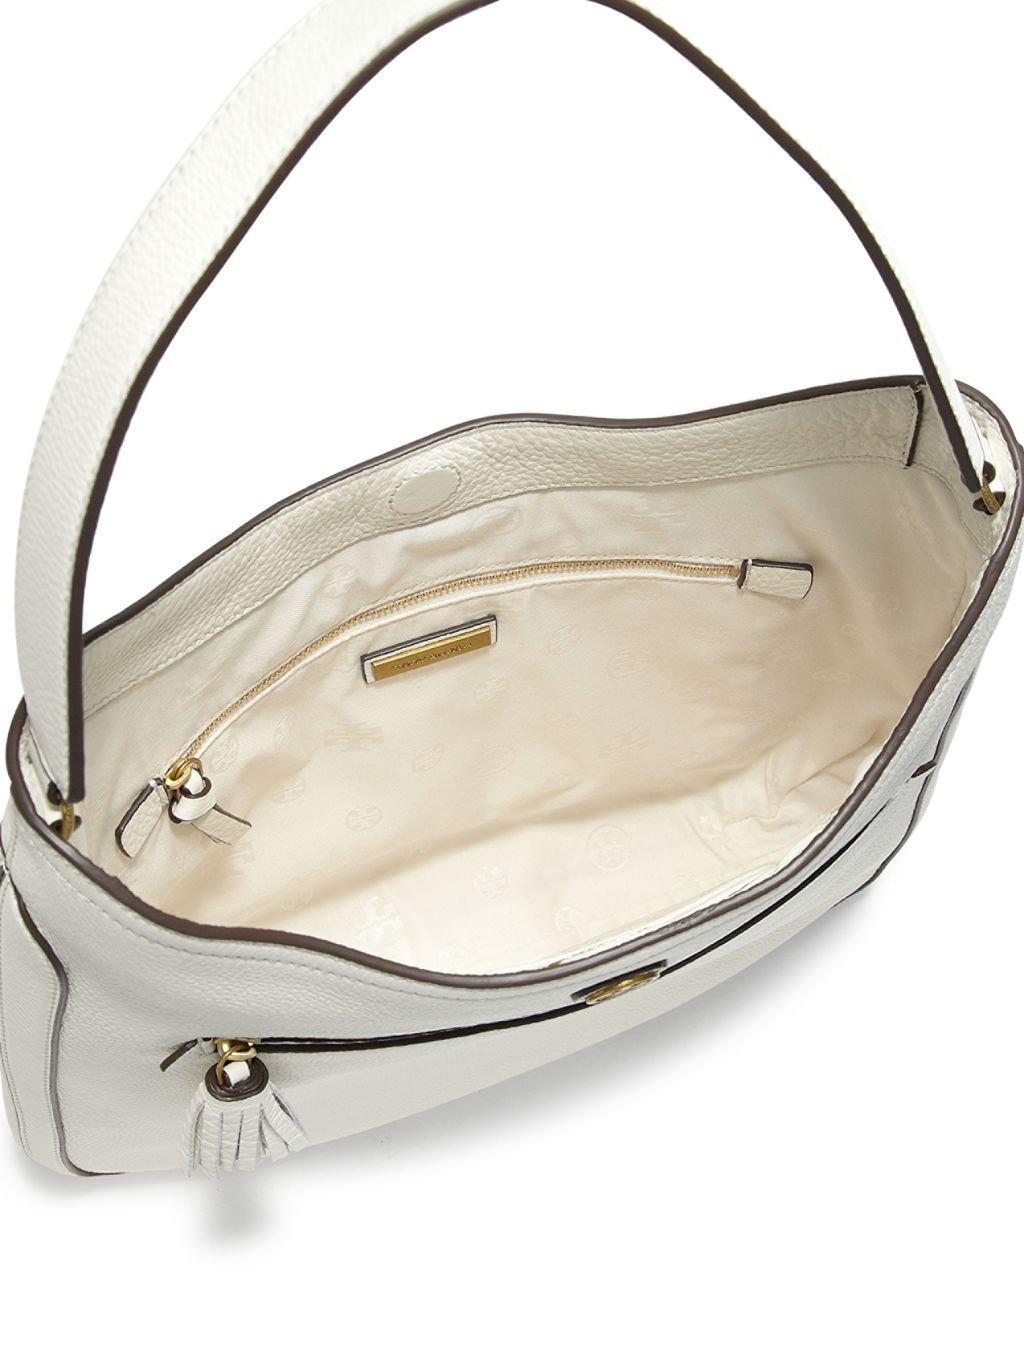 Frances Ivory Hobo Bag Satchel Shoulder Handbag